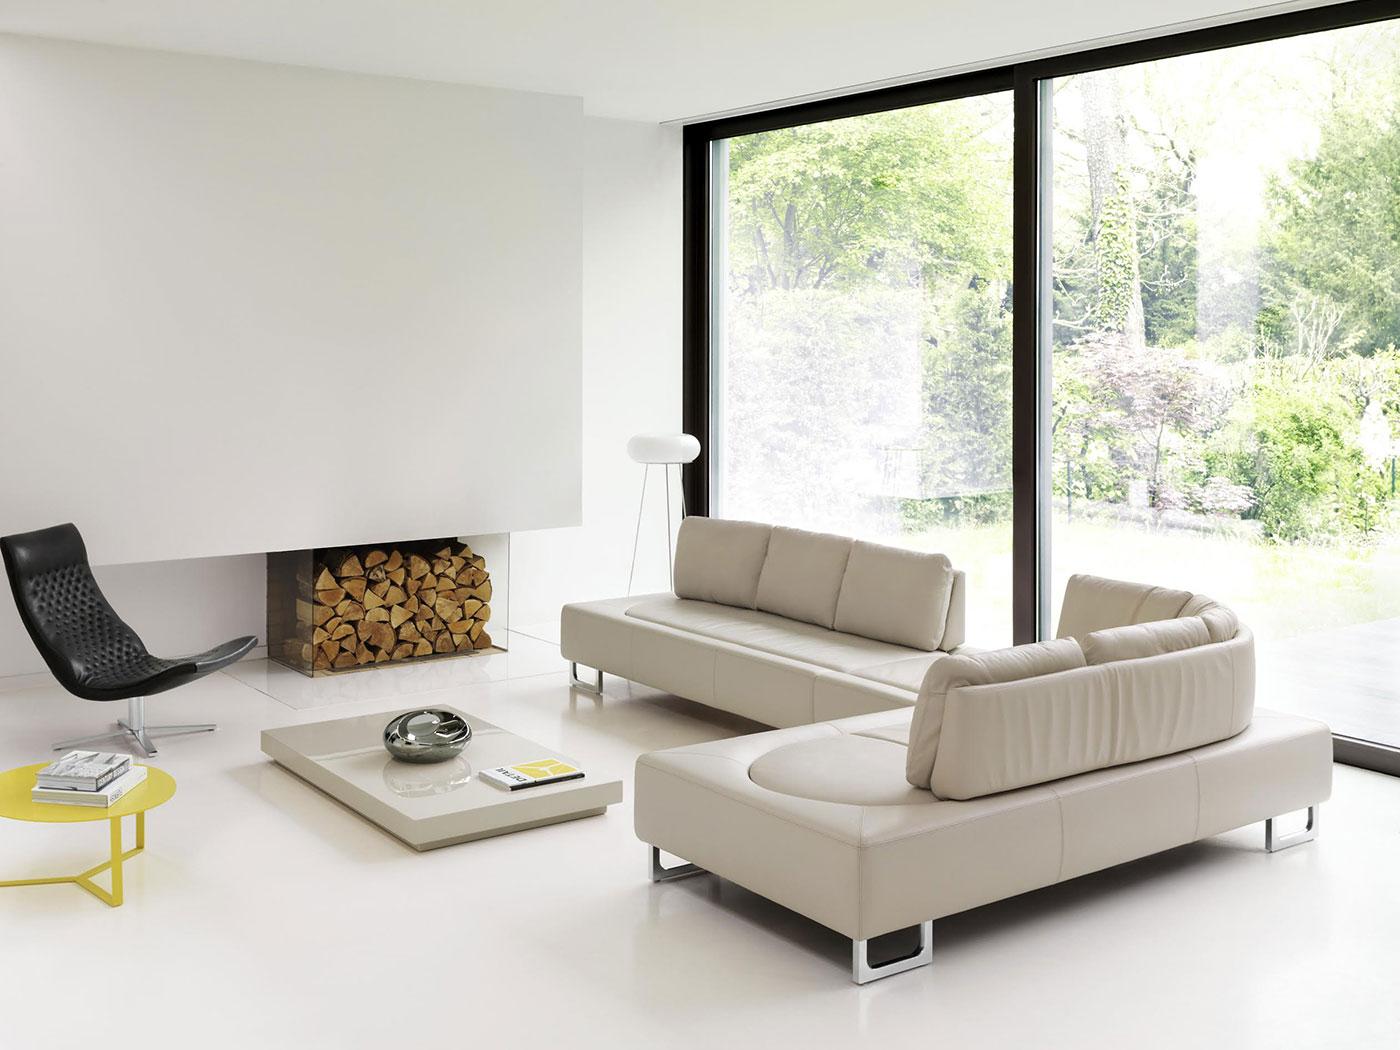 Obegi Home Furniture Desede 20